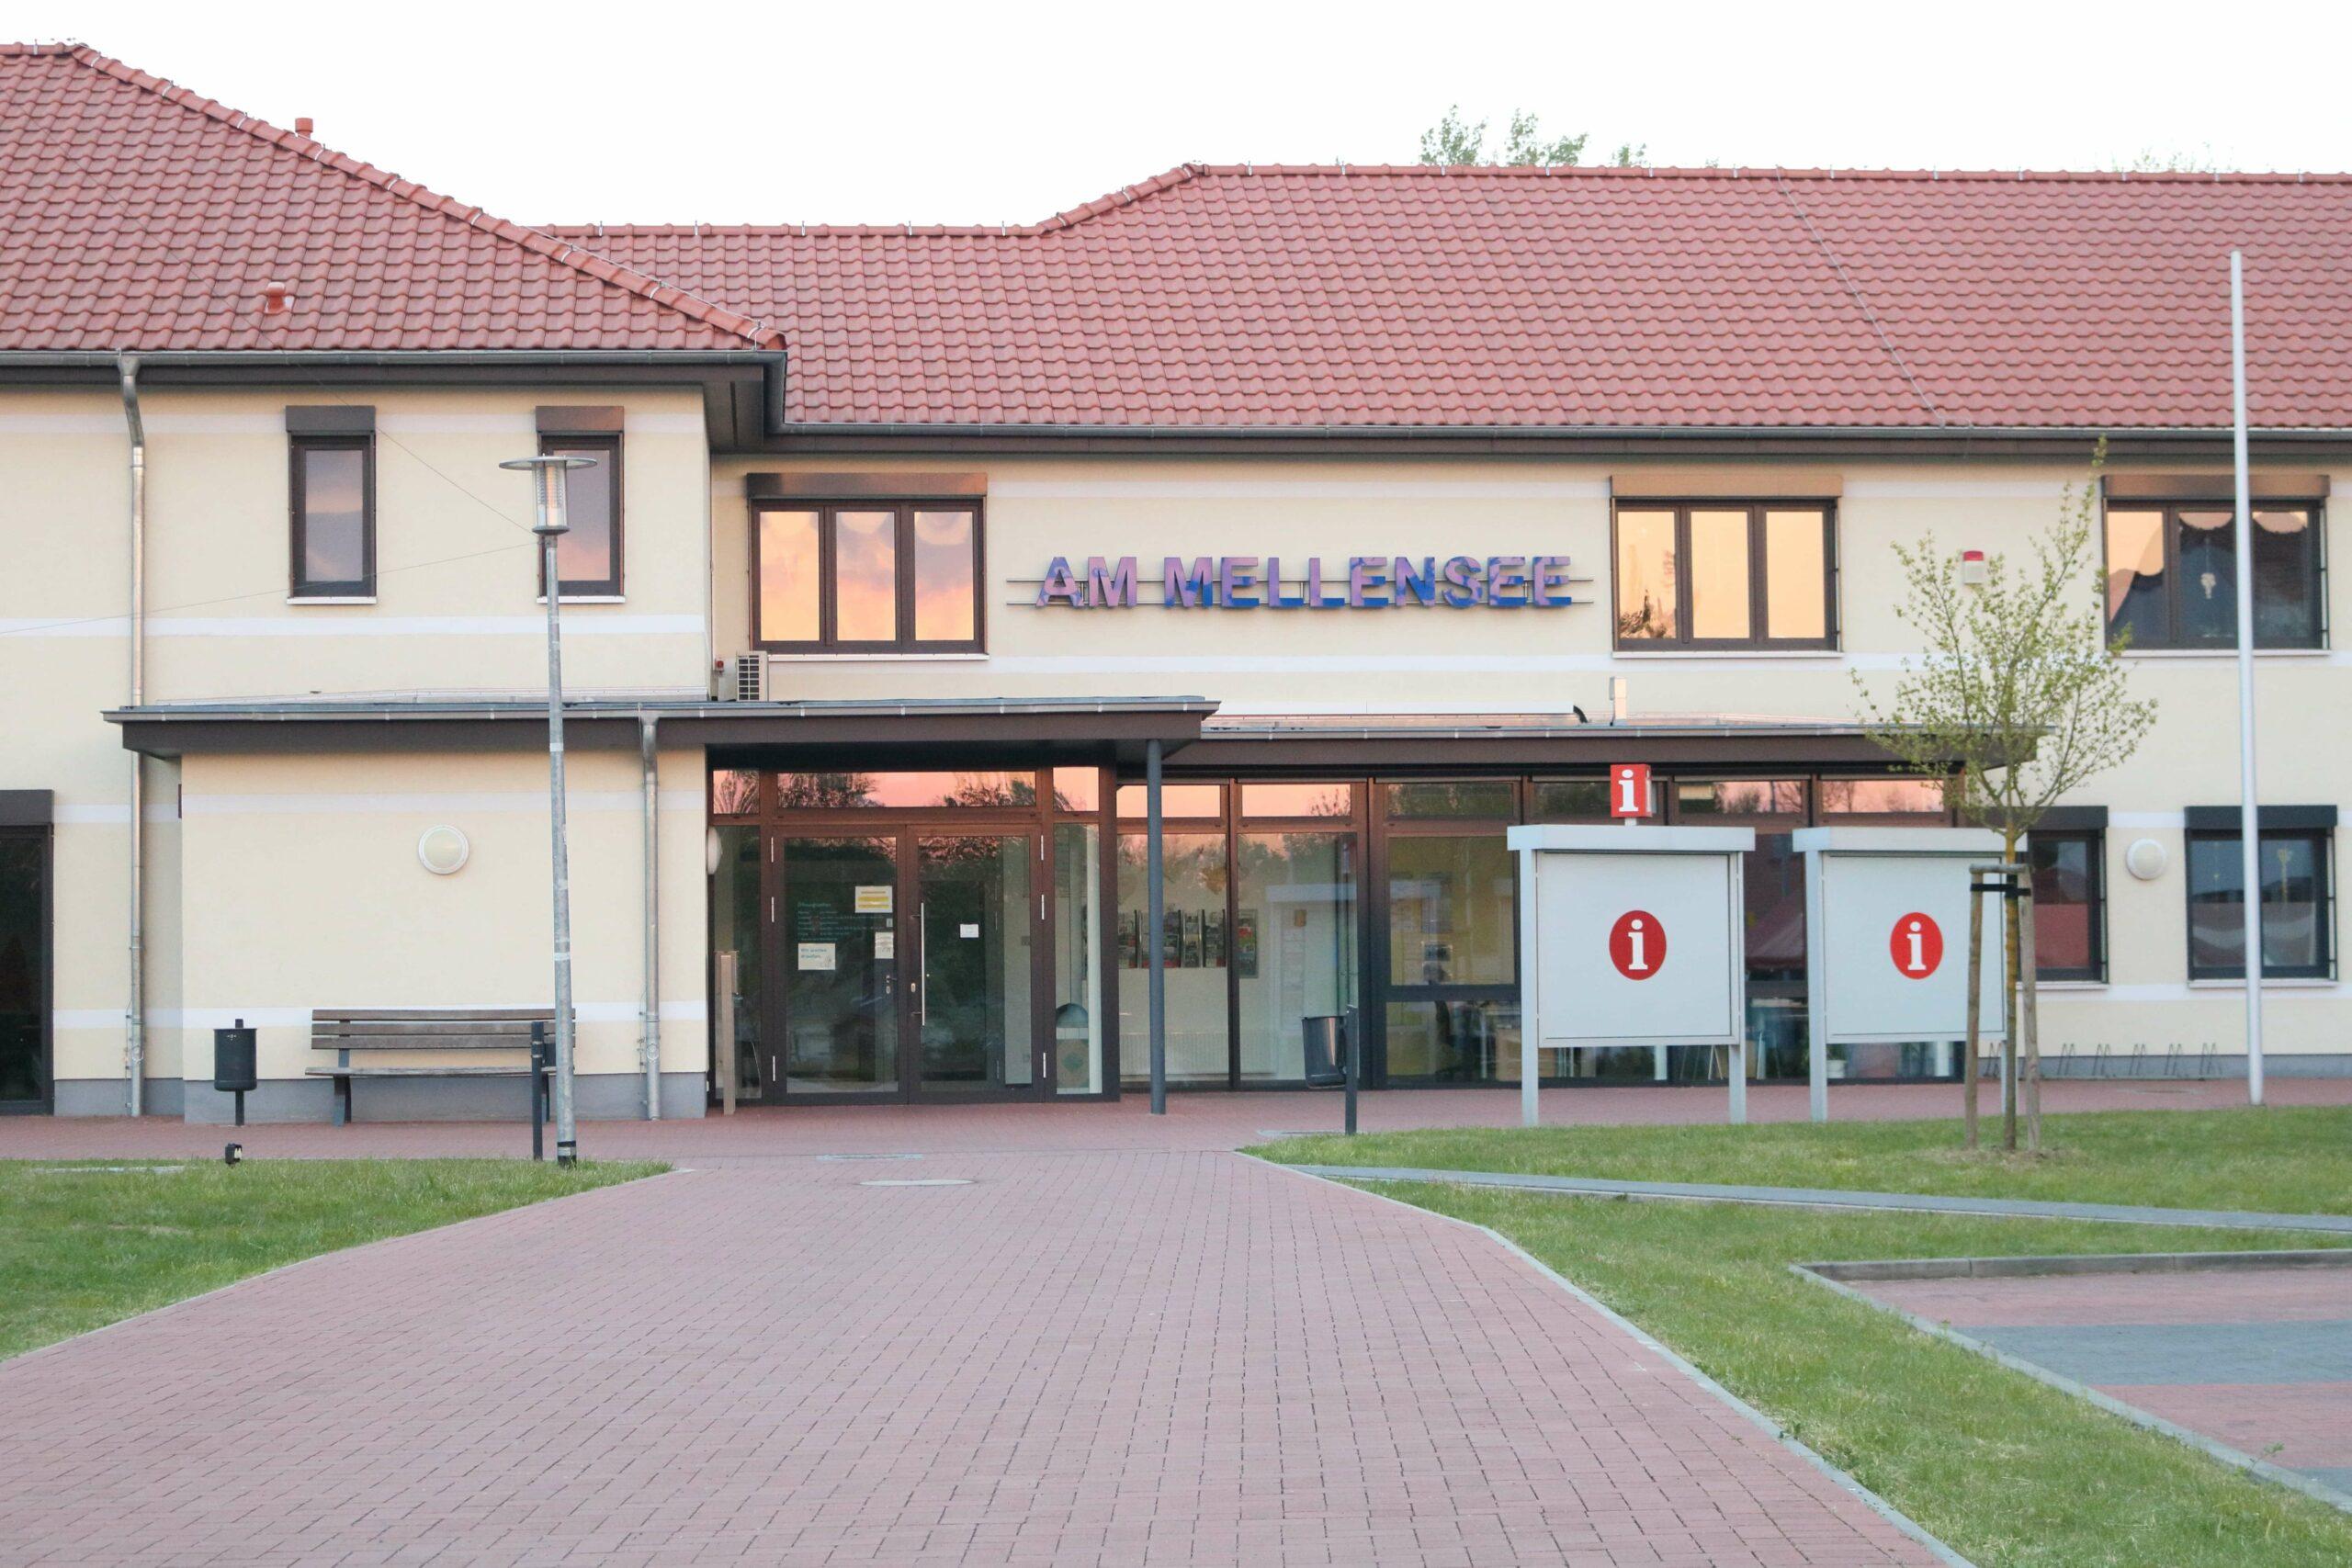 Bürgeramt Am Mellensee - Zossener Strasse 21c